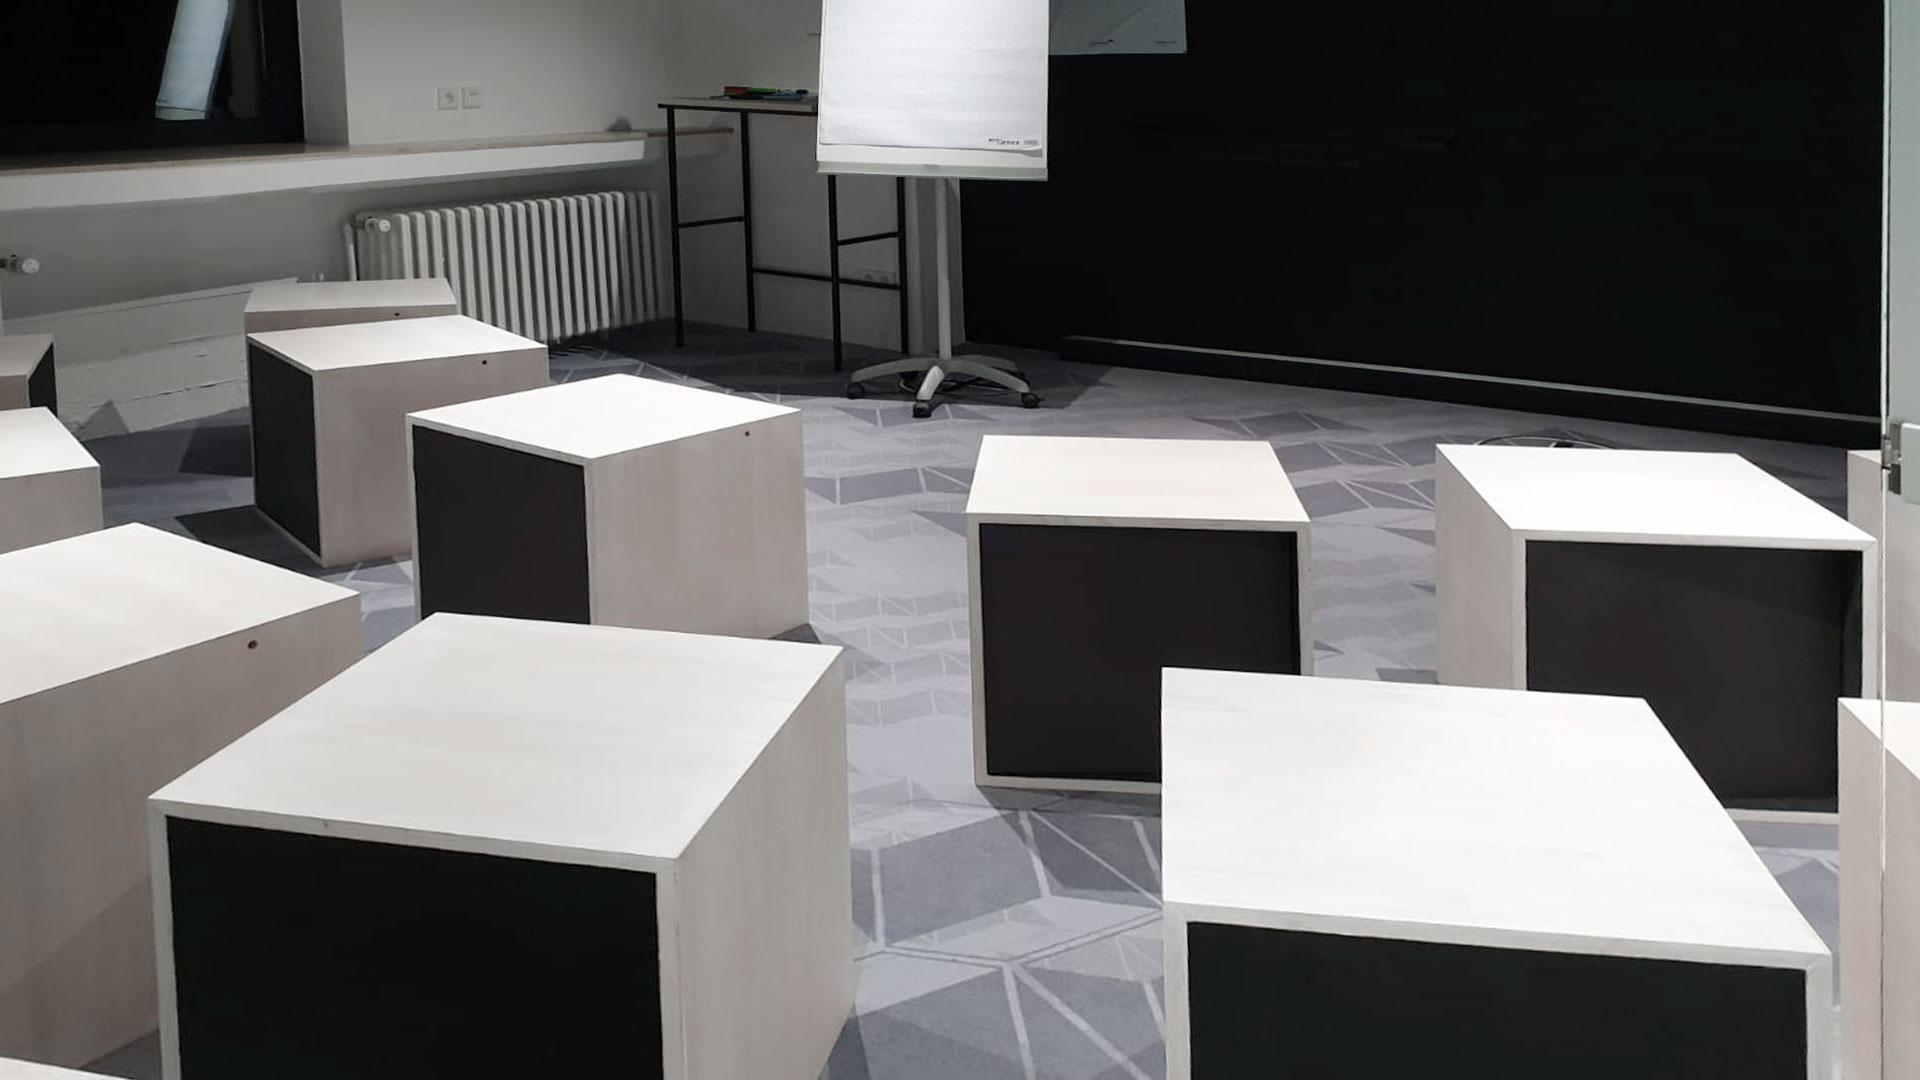 Seminarraum in Leipzig